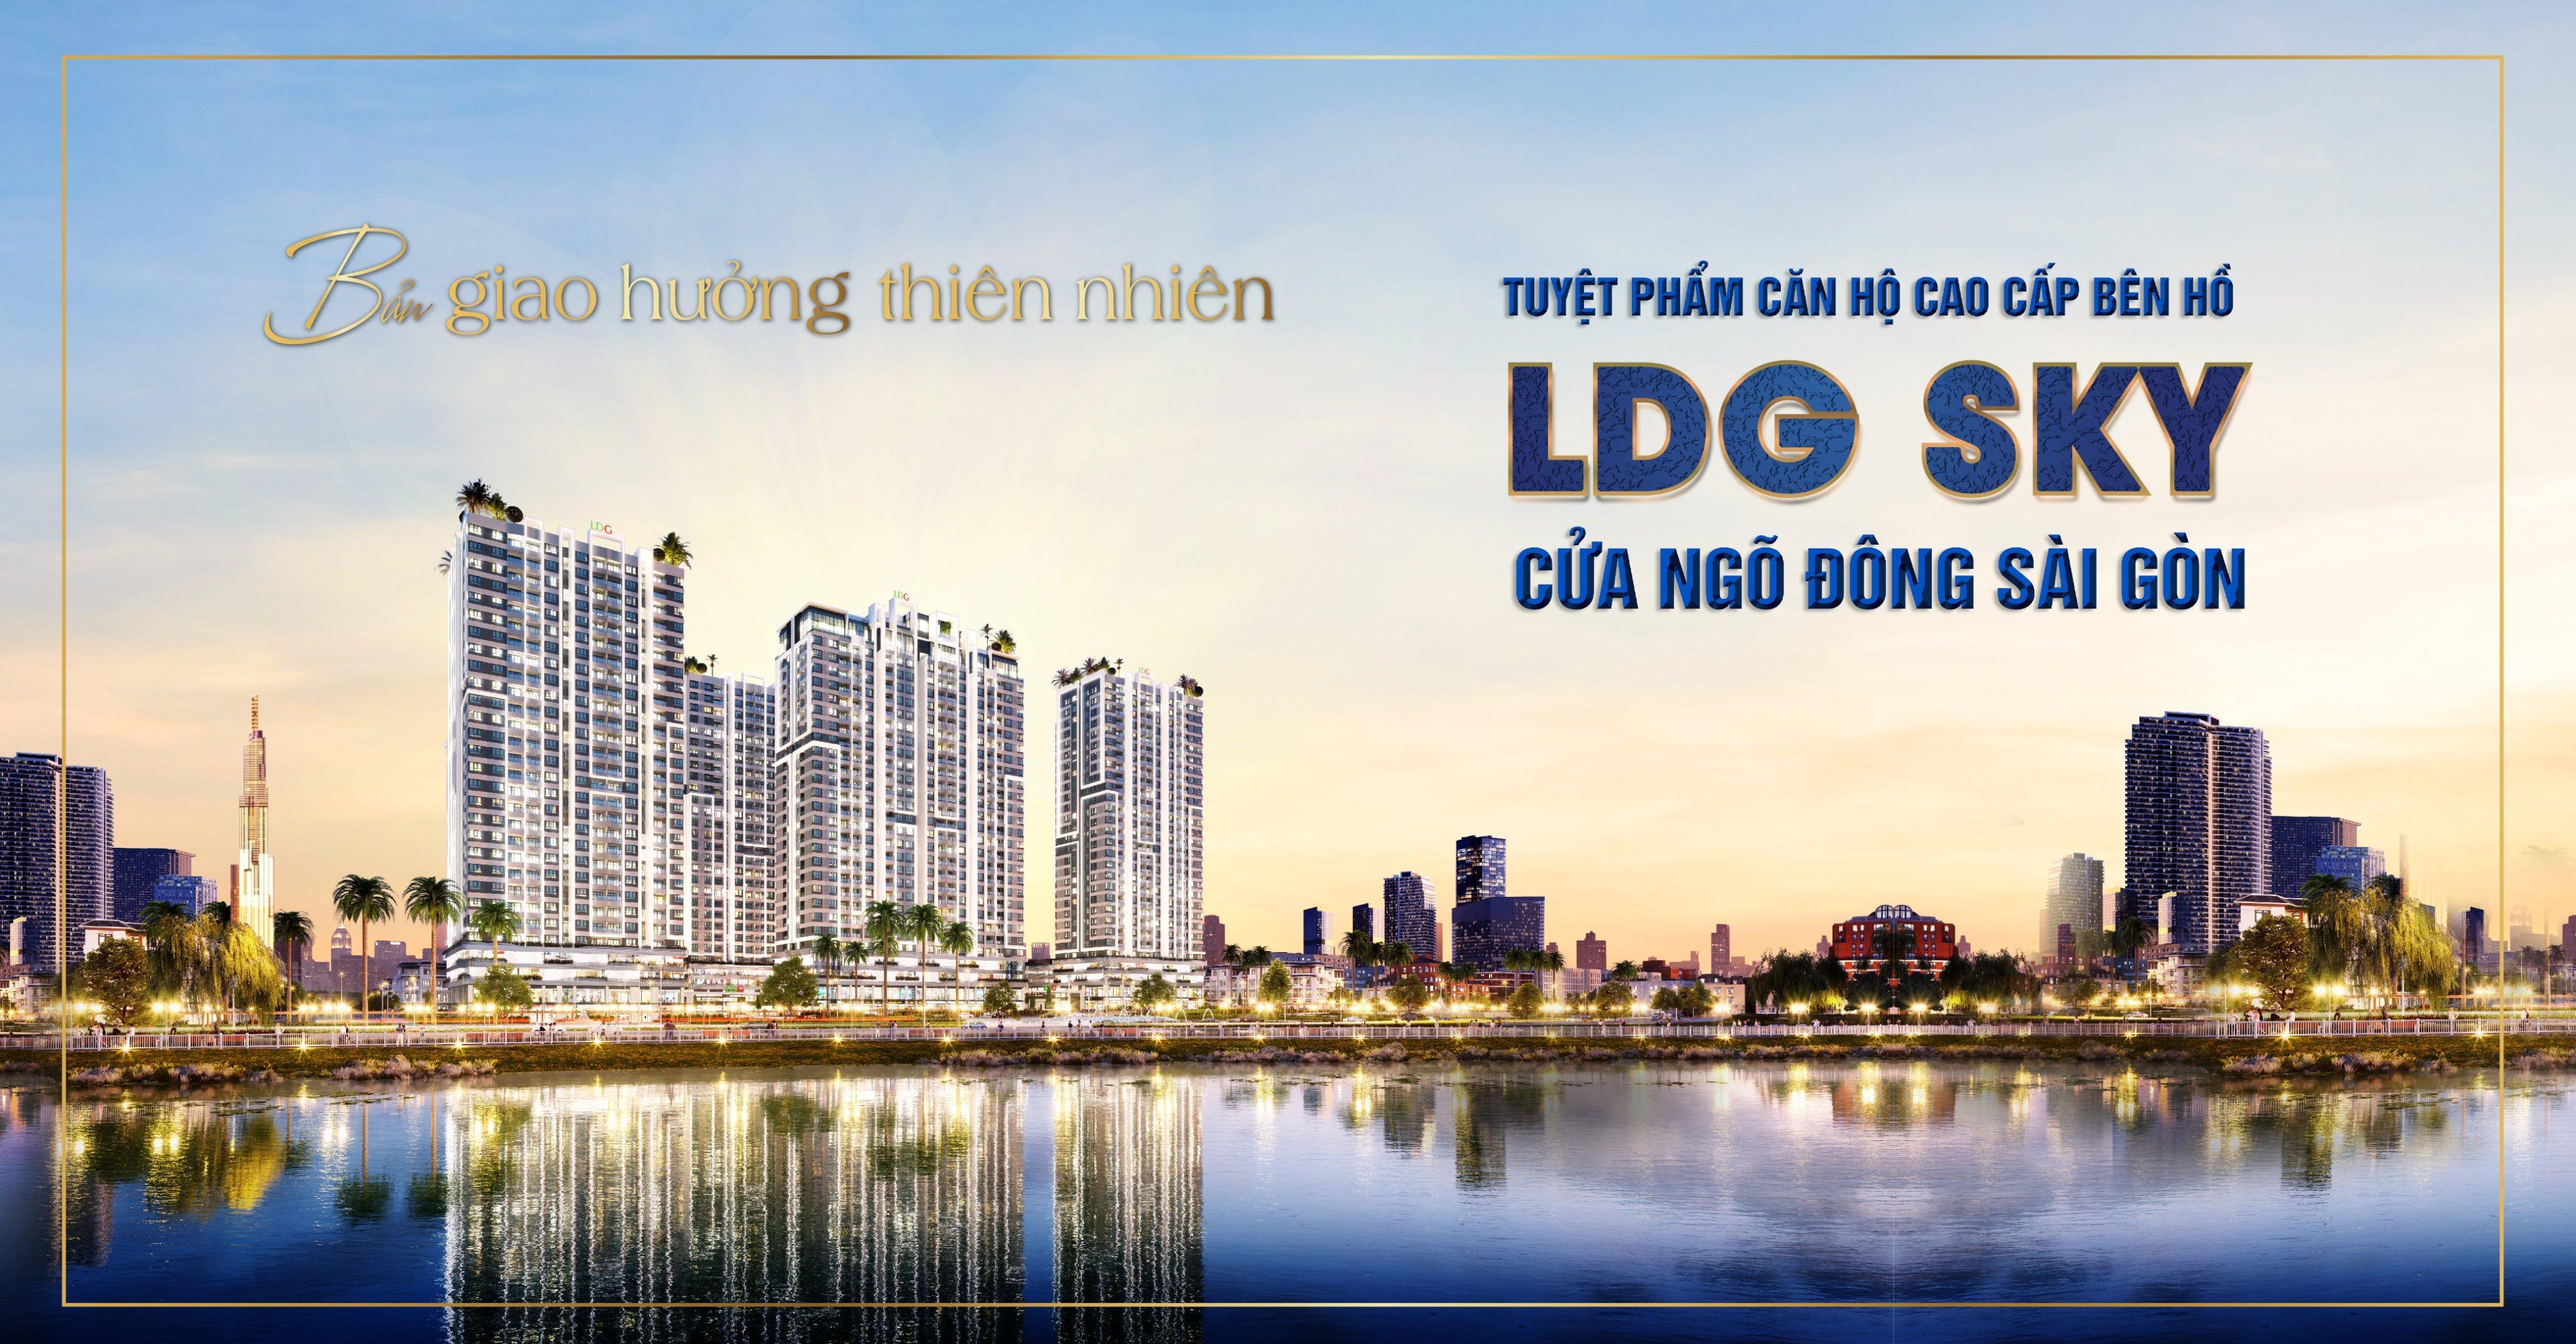 Dự án LDG Sky Bình Dương – LDG Group   datxanhkhudong.vn